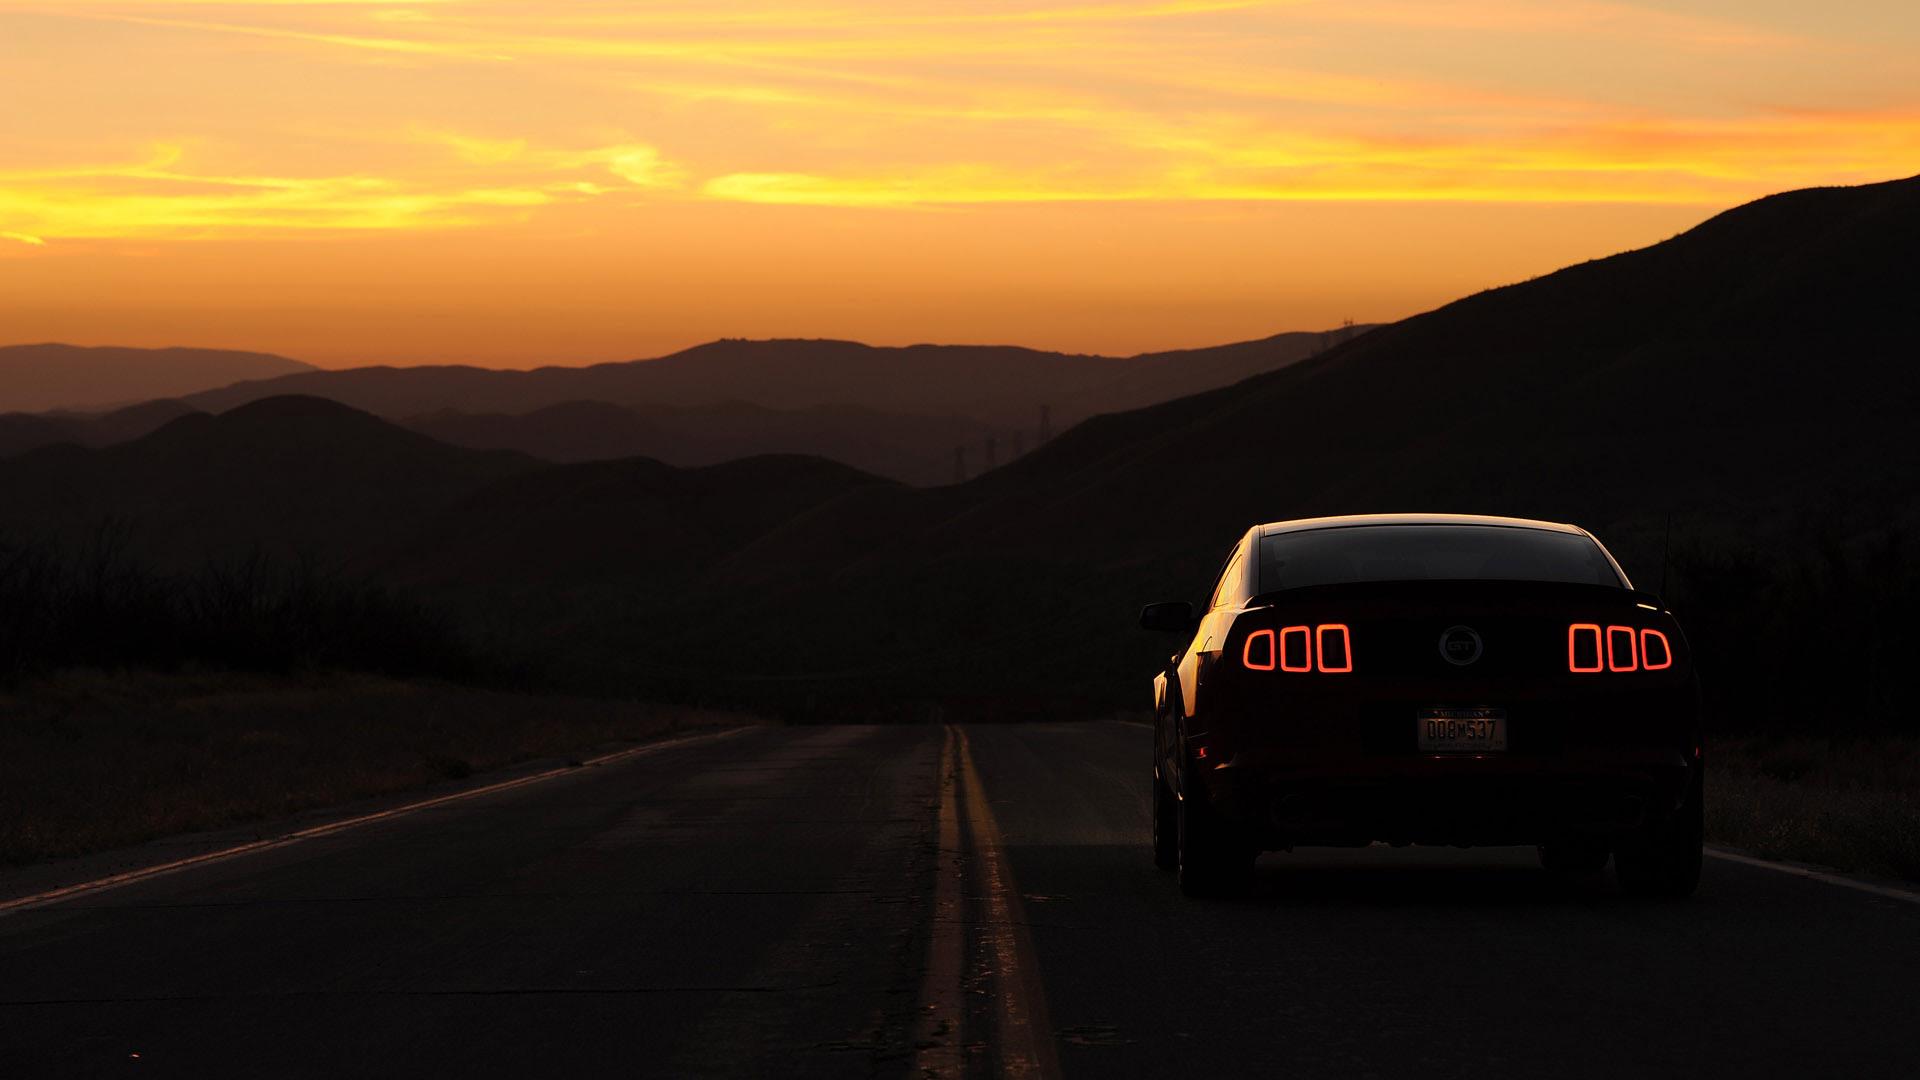 Ford Mustang Desktop Wallpaper  WallpaperSafari